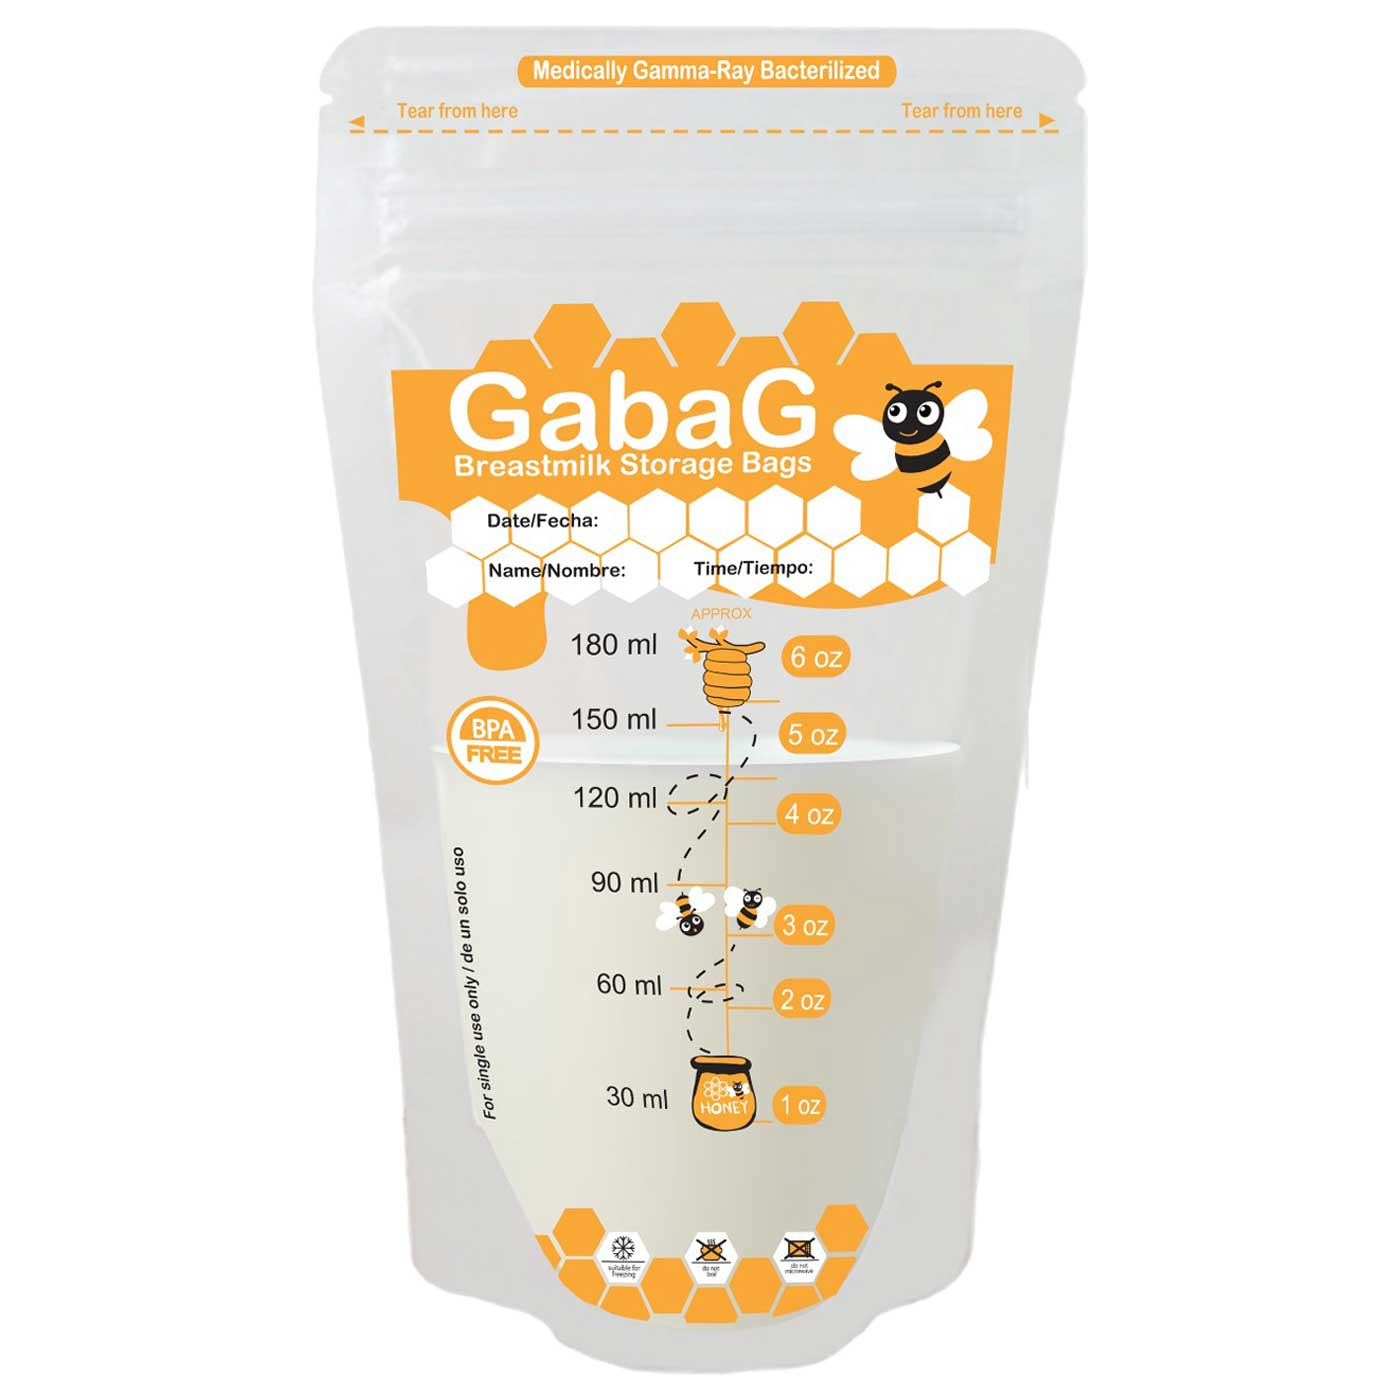 Gabag Breastmilk Storage 180ml